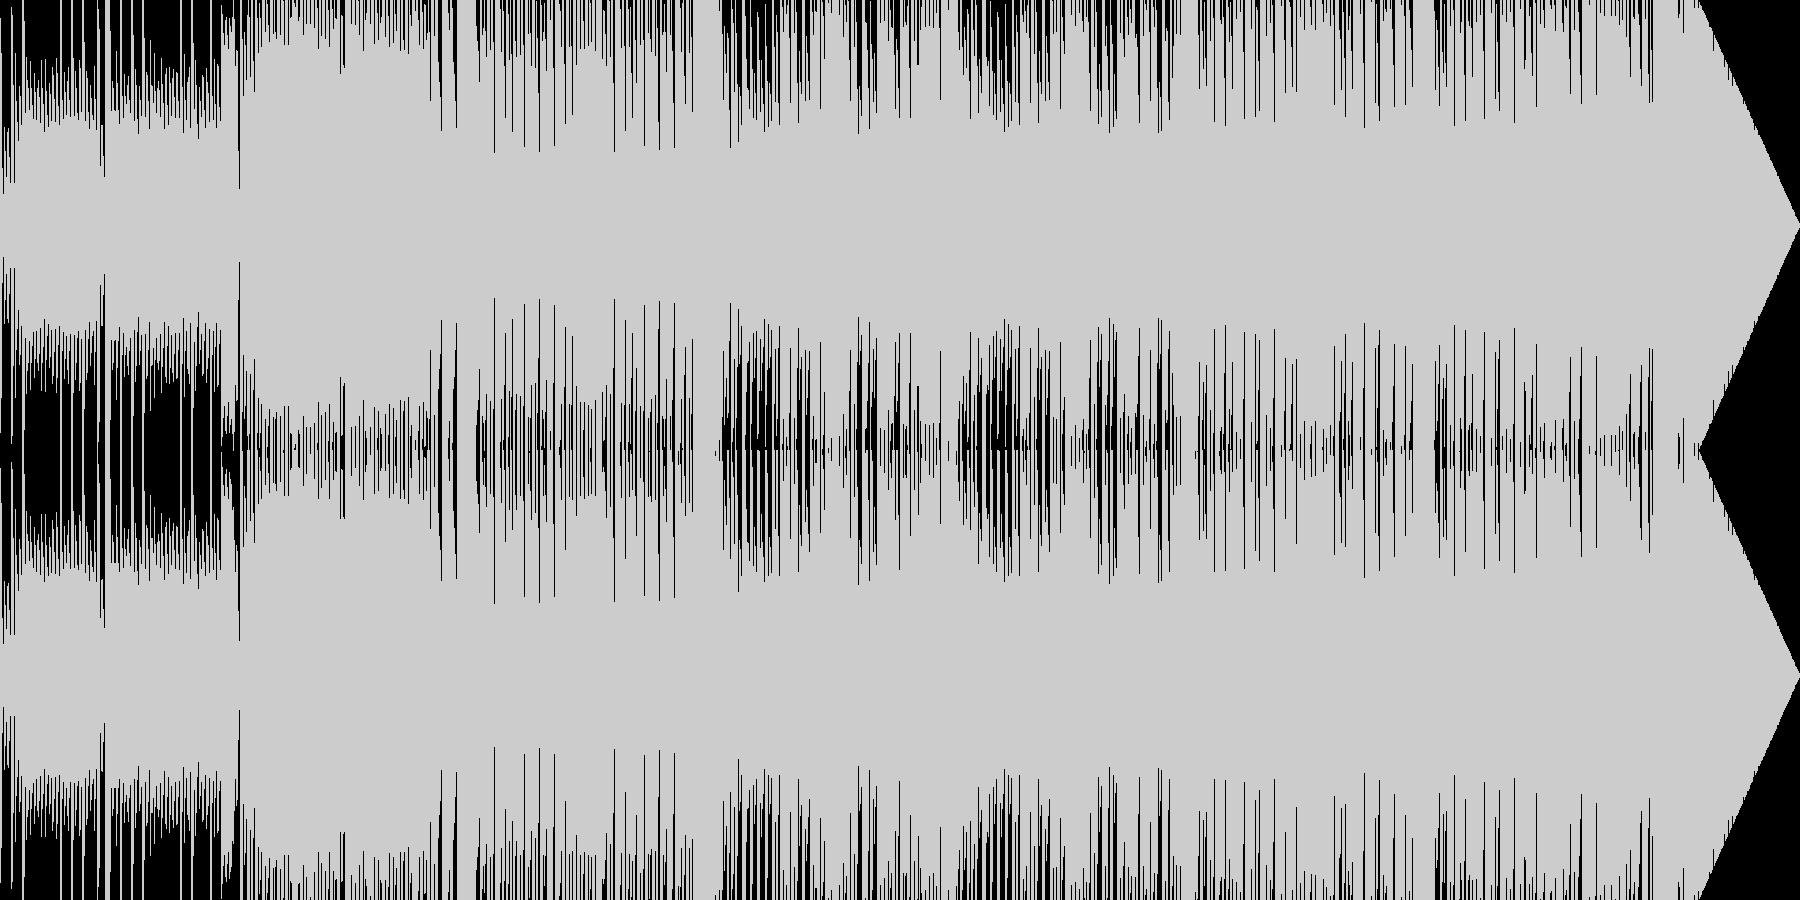 番組EDなどに 寂しいチップチューン02の未再生の波形